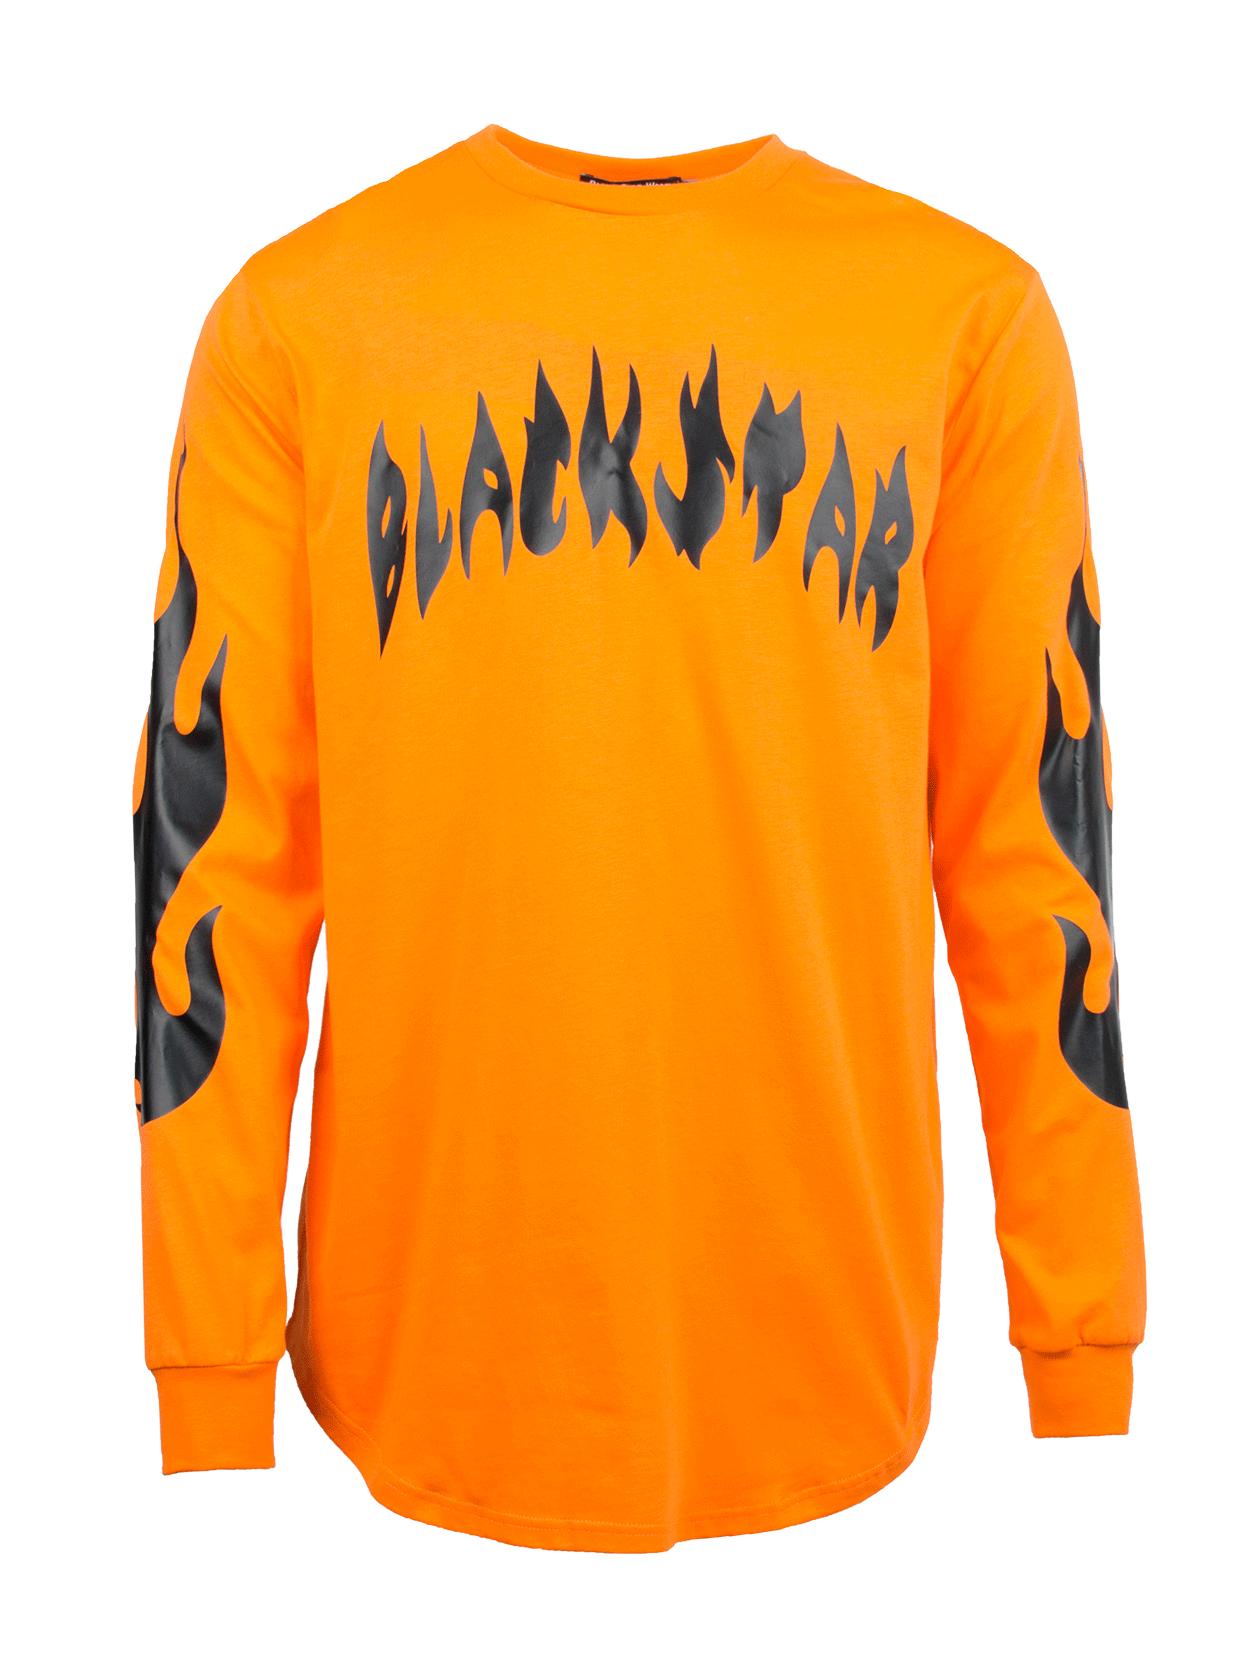 Лонгслив  FIRE FLAMEЯркий лонгслив мужской Fire Flame из уникальной коллекции Orange Flame создан для энергичных молодых людей с внутренним огнем. Модель теплой оранжевой расцветки с эффектным принтом в виде надписи Black Star на груди и черных языков пламени на рукавах. Лаконичный крой изделия делает его комфортным предметом гардероба на каждый день. Манжеты дополнены гофрированной резинкой для лучшей посадки вещи, удлиненный низ обладает полукруглой формой. Специальная технология пошива с использованием 100% хлопка обеспечивает долговечность и практичность лонгслива.<br><br>Размер: L<br>Цвет: Оранжевый<br>Пол: Мужской